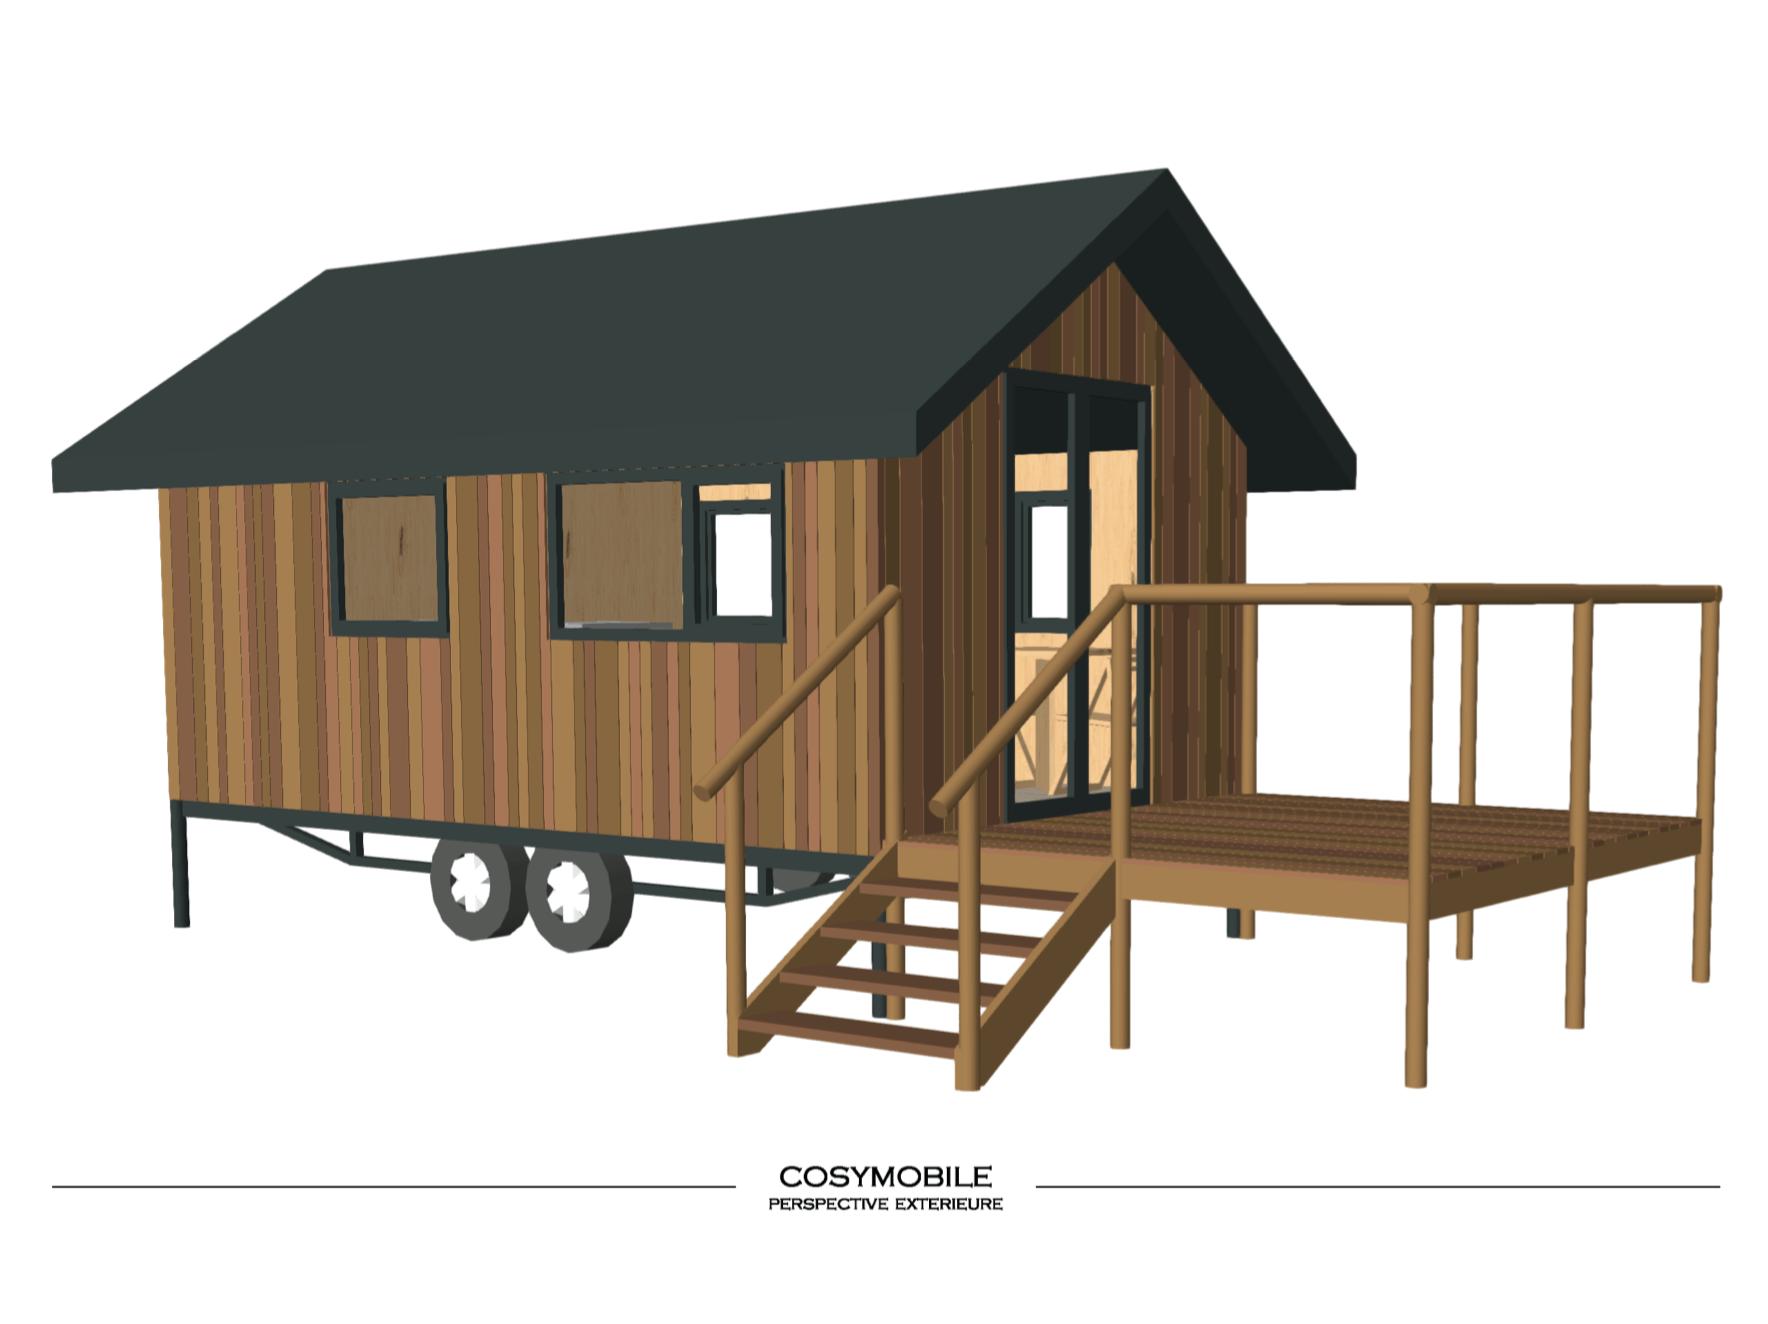 Cosymobile - CASArbor, maisons en bois, résidences et maisons de vacances